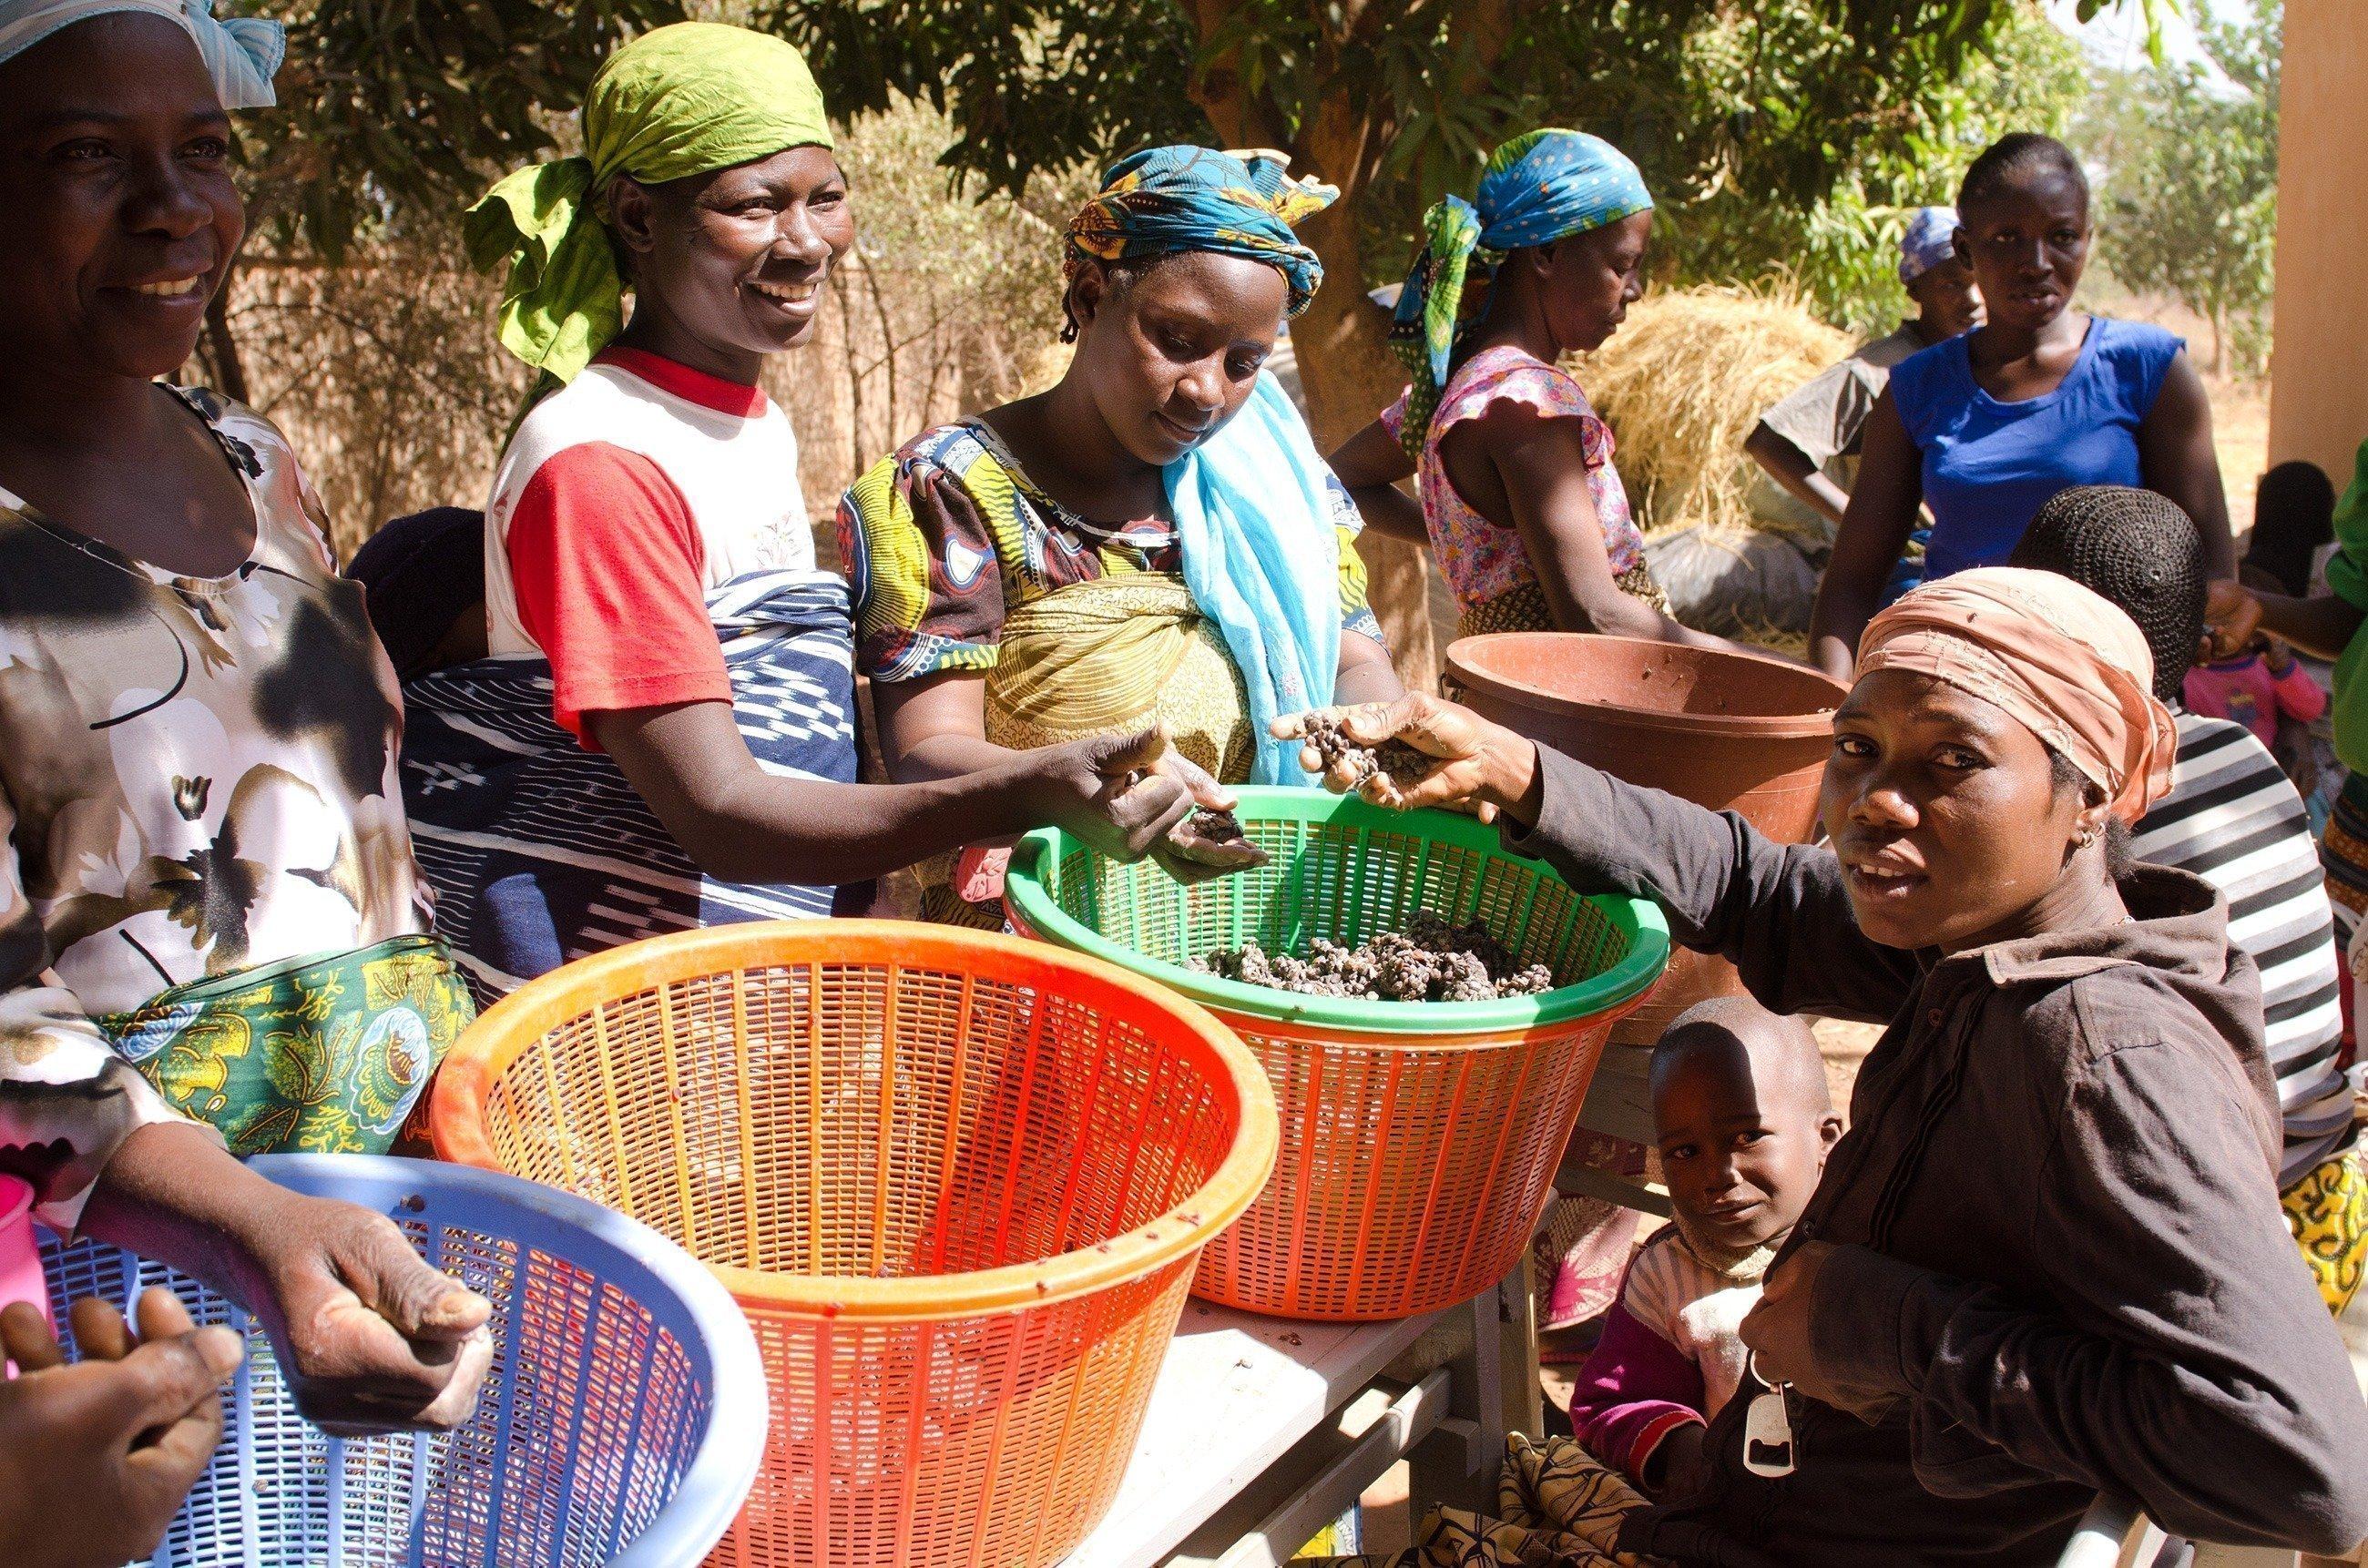 Un gruppo di donne con ceste piene di verdura.